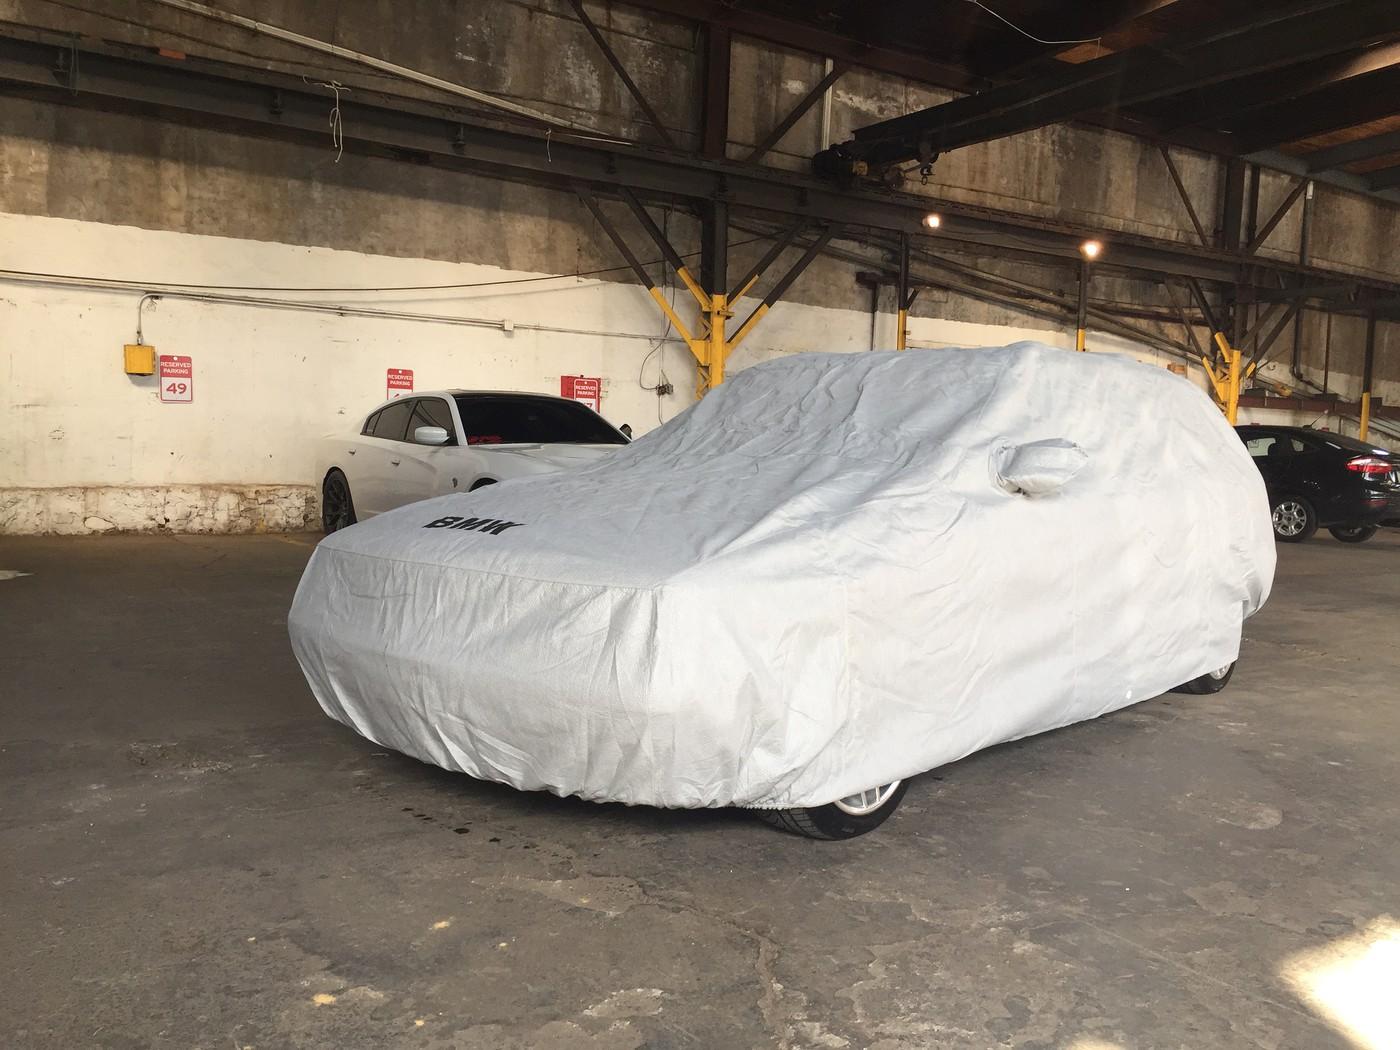 Bmw E61 Oem Car Cover On E34 Wagon Touring